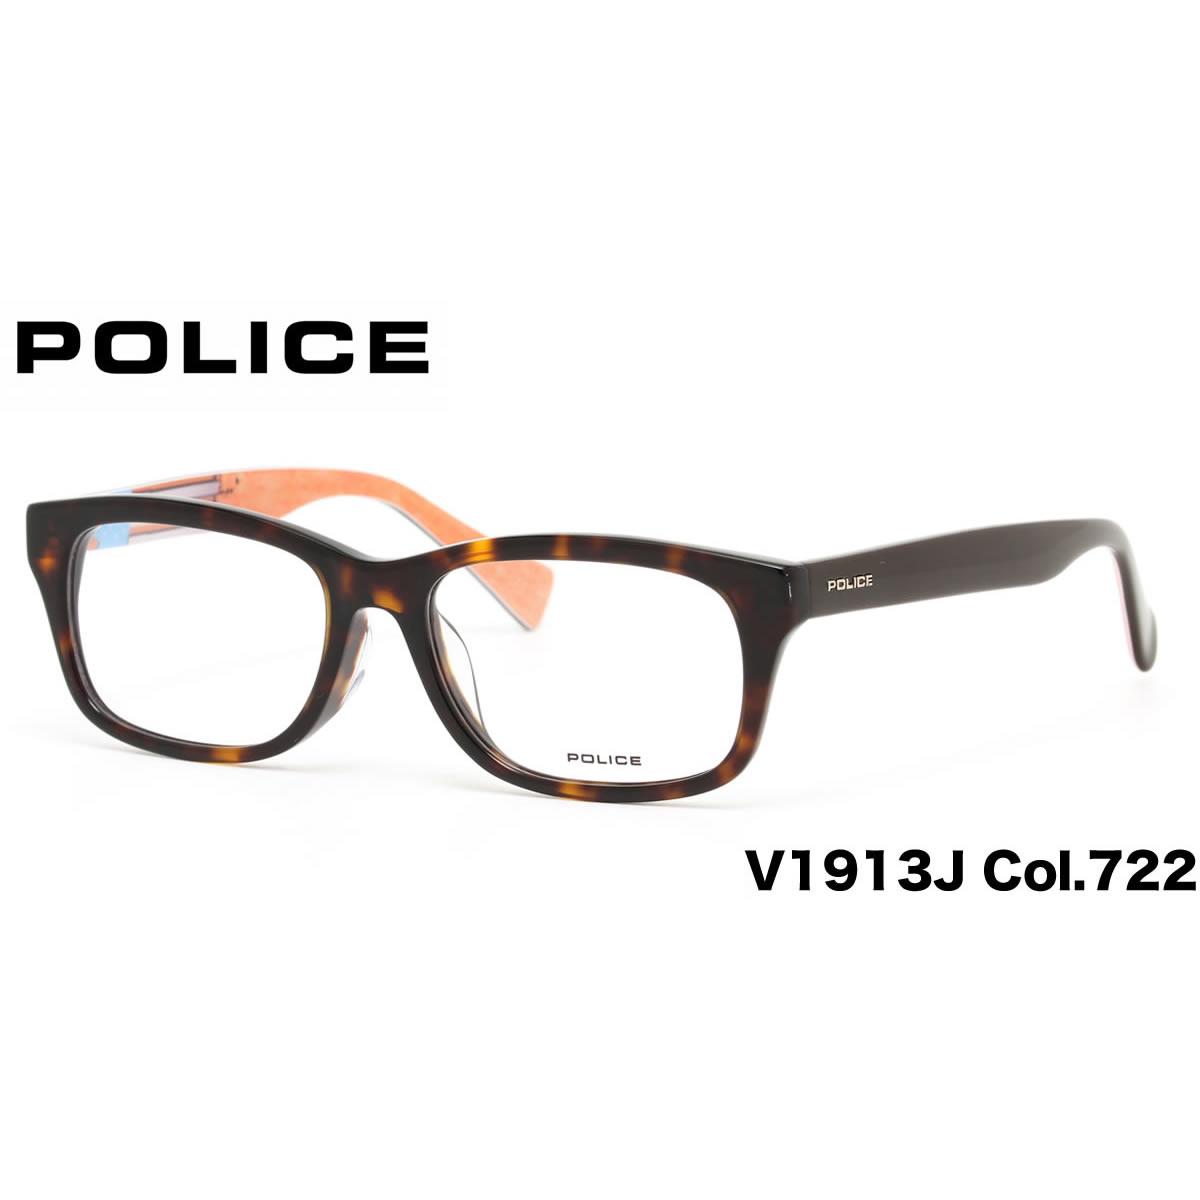 【10月30日からエントリーで全品ポイント20倍】【POLICE】ポリス メガネ フレーム ネイマール モデル V1913J 722 53サイズ ポリス POLICE メンズ レディース